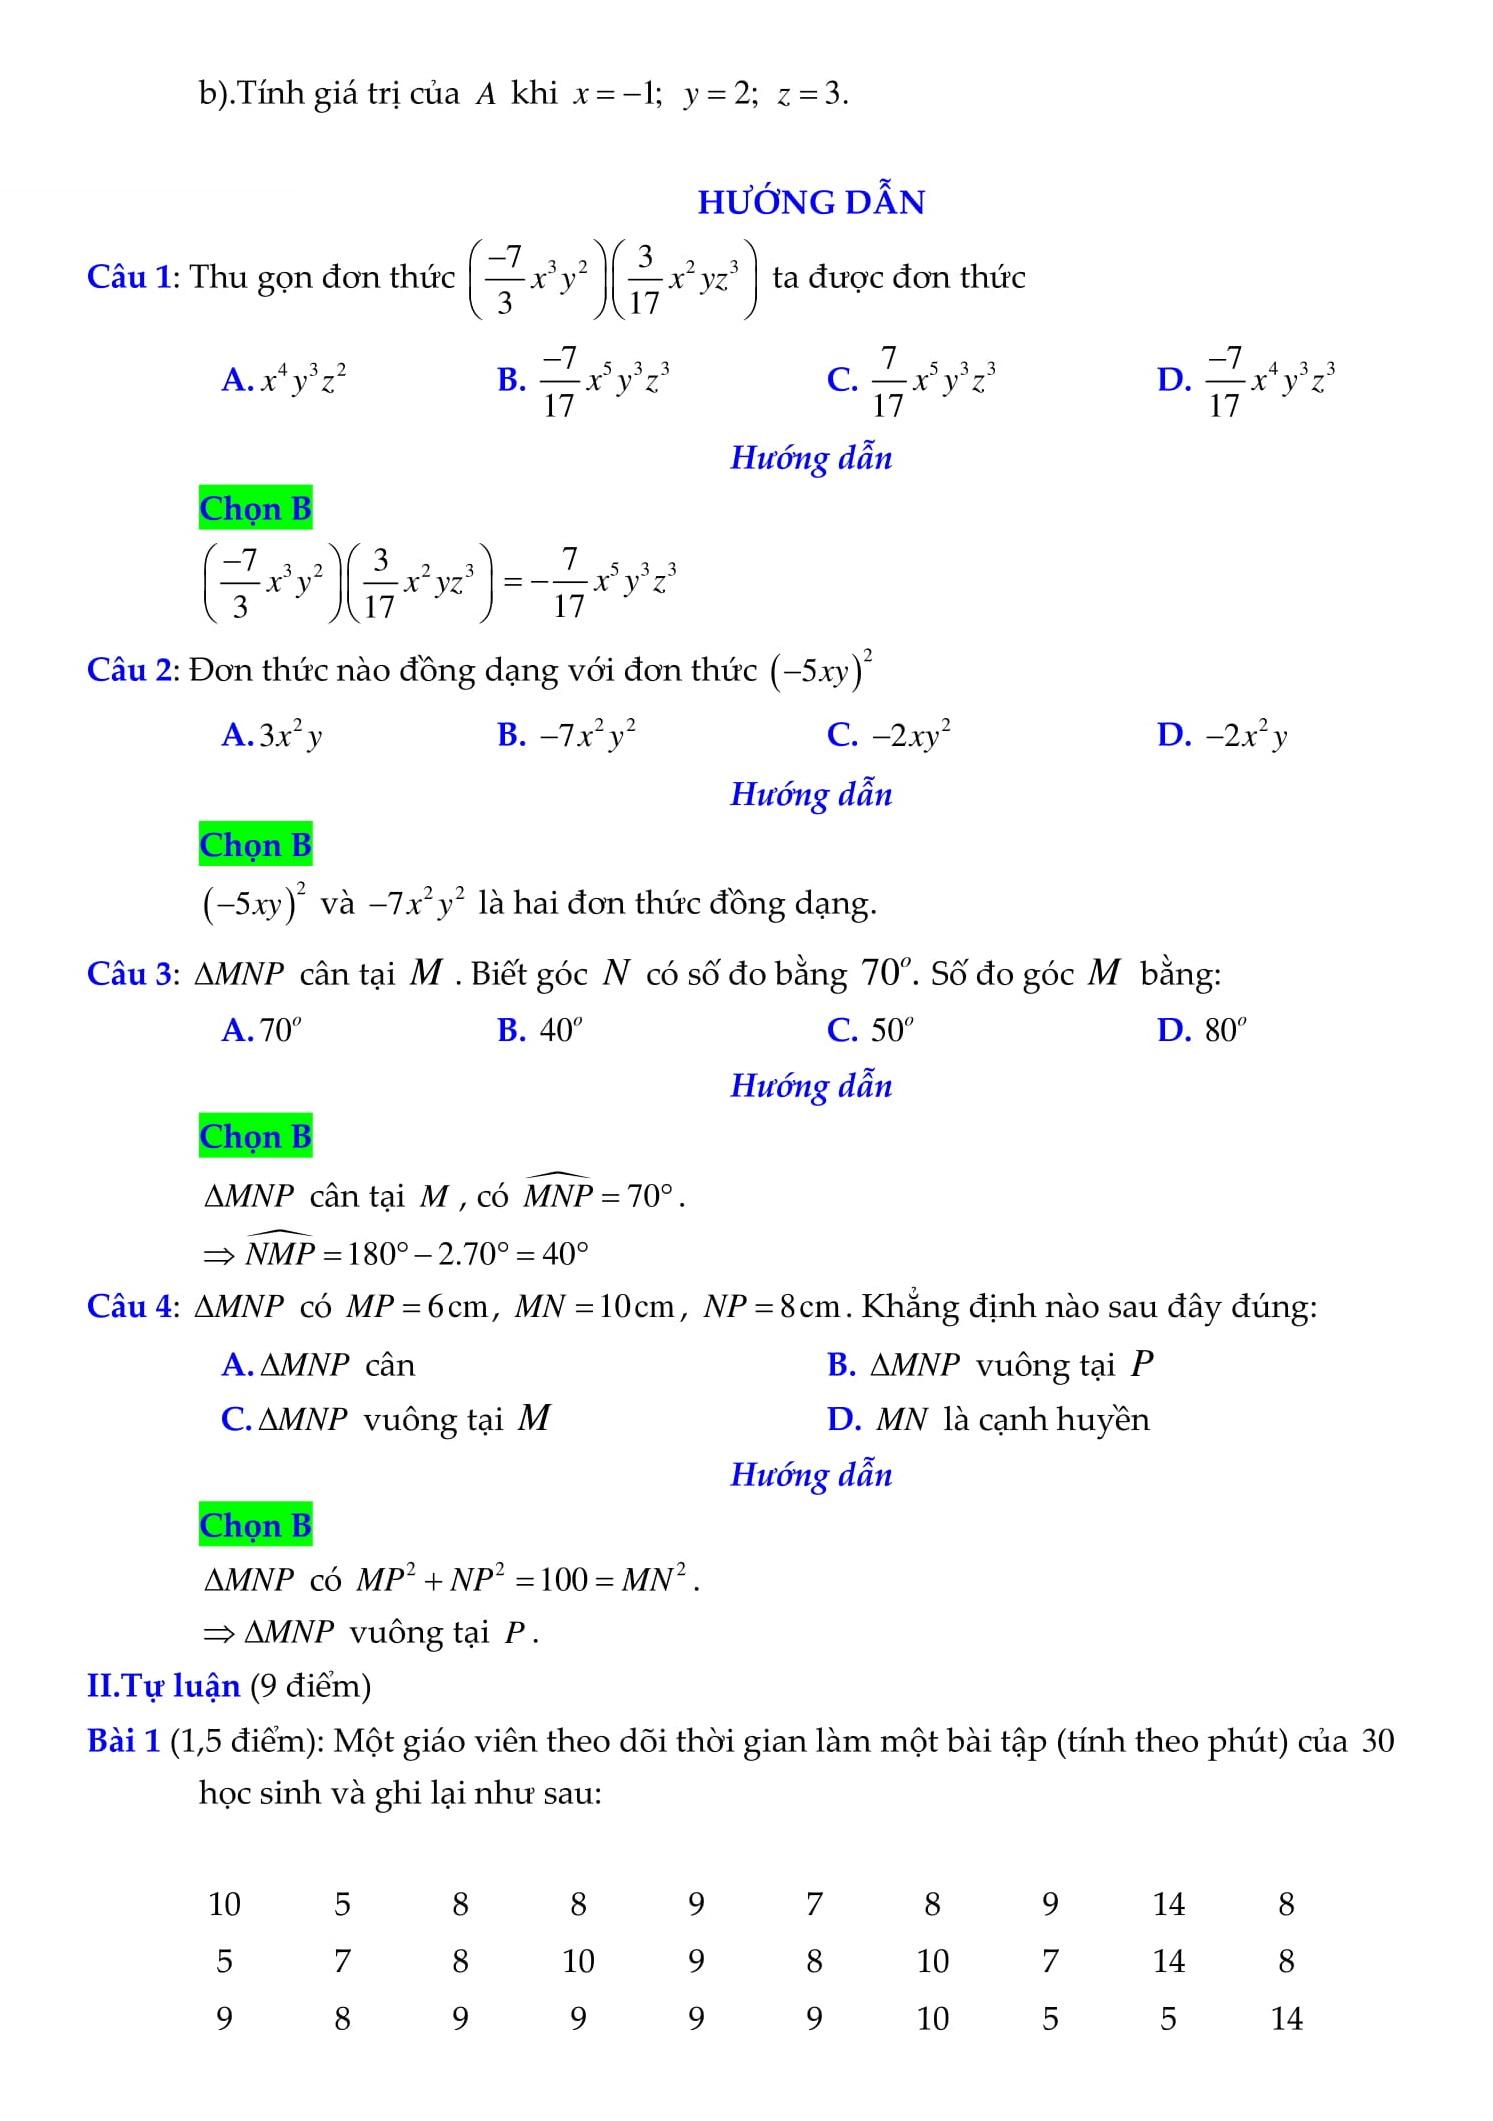 Đề thi giữa HK2 toán 7 có lời giải